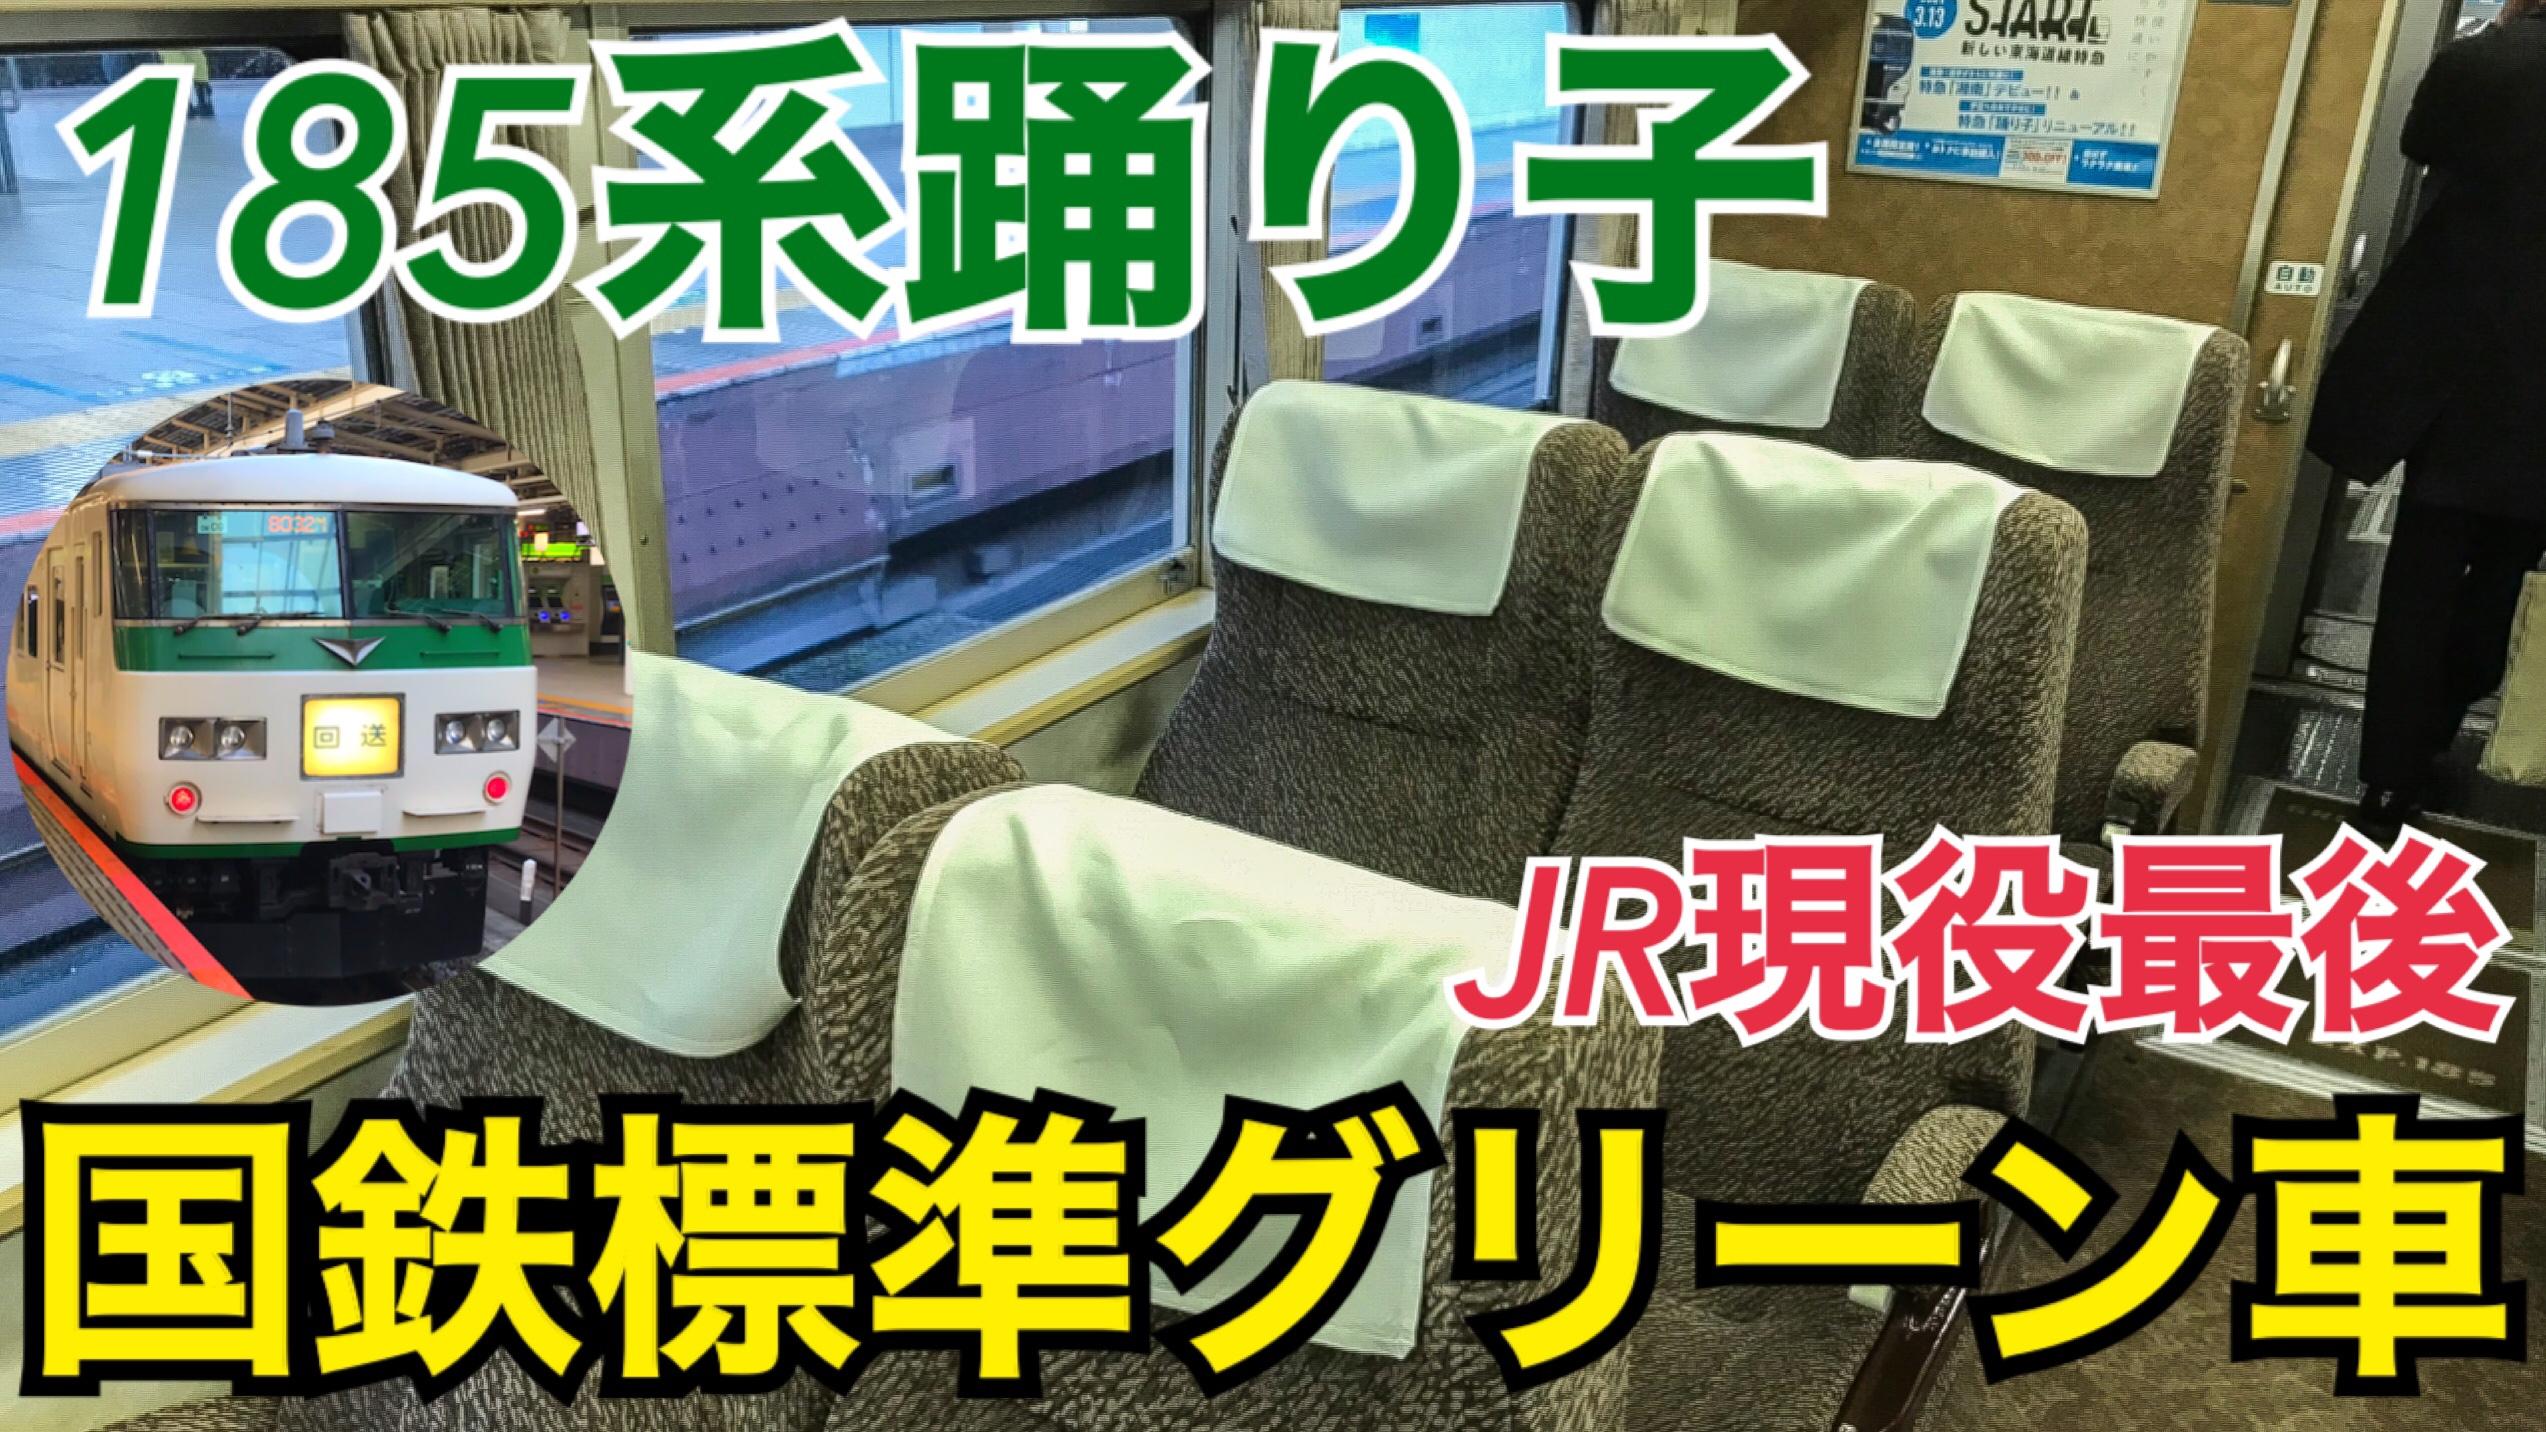 【現役最後】185系の国鉄標準グリーン車、R27!ダイヤ改正で運用が無くなる踊り子号グリーン車に乗車!